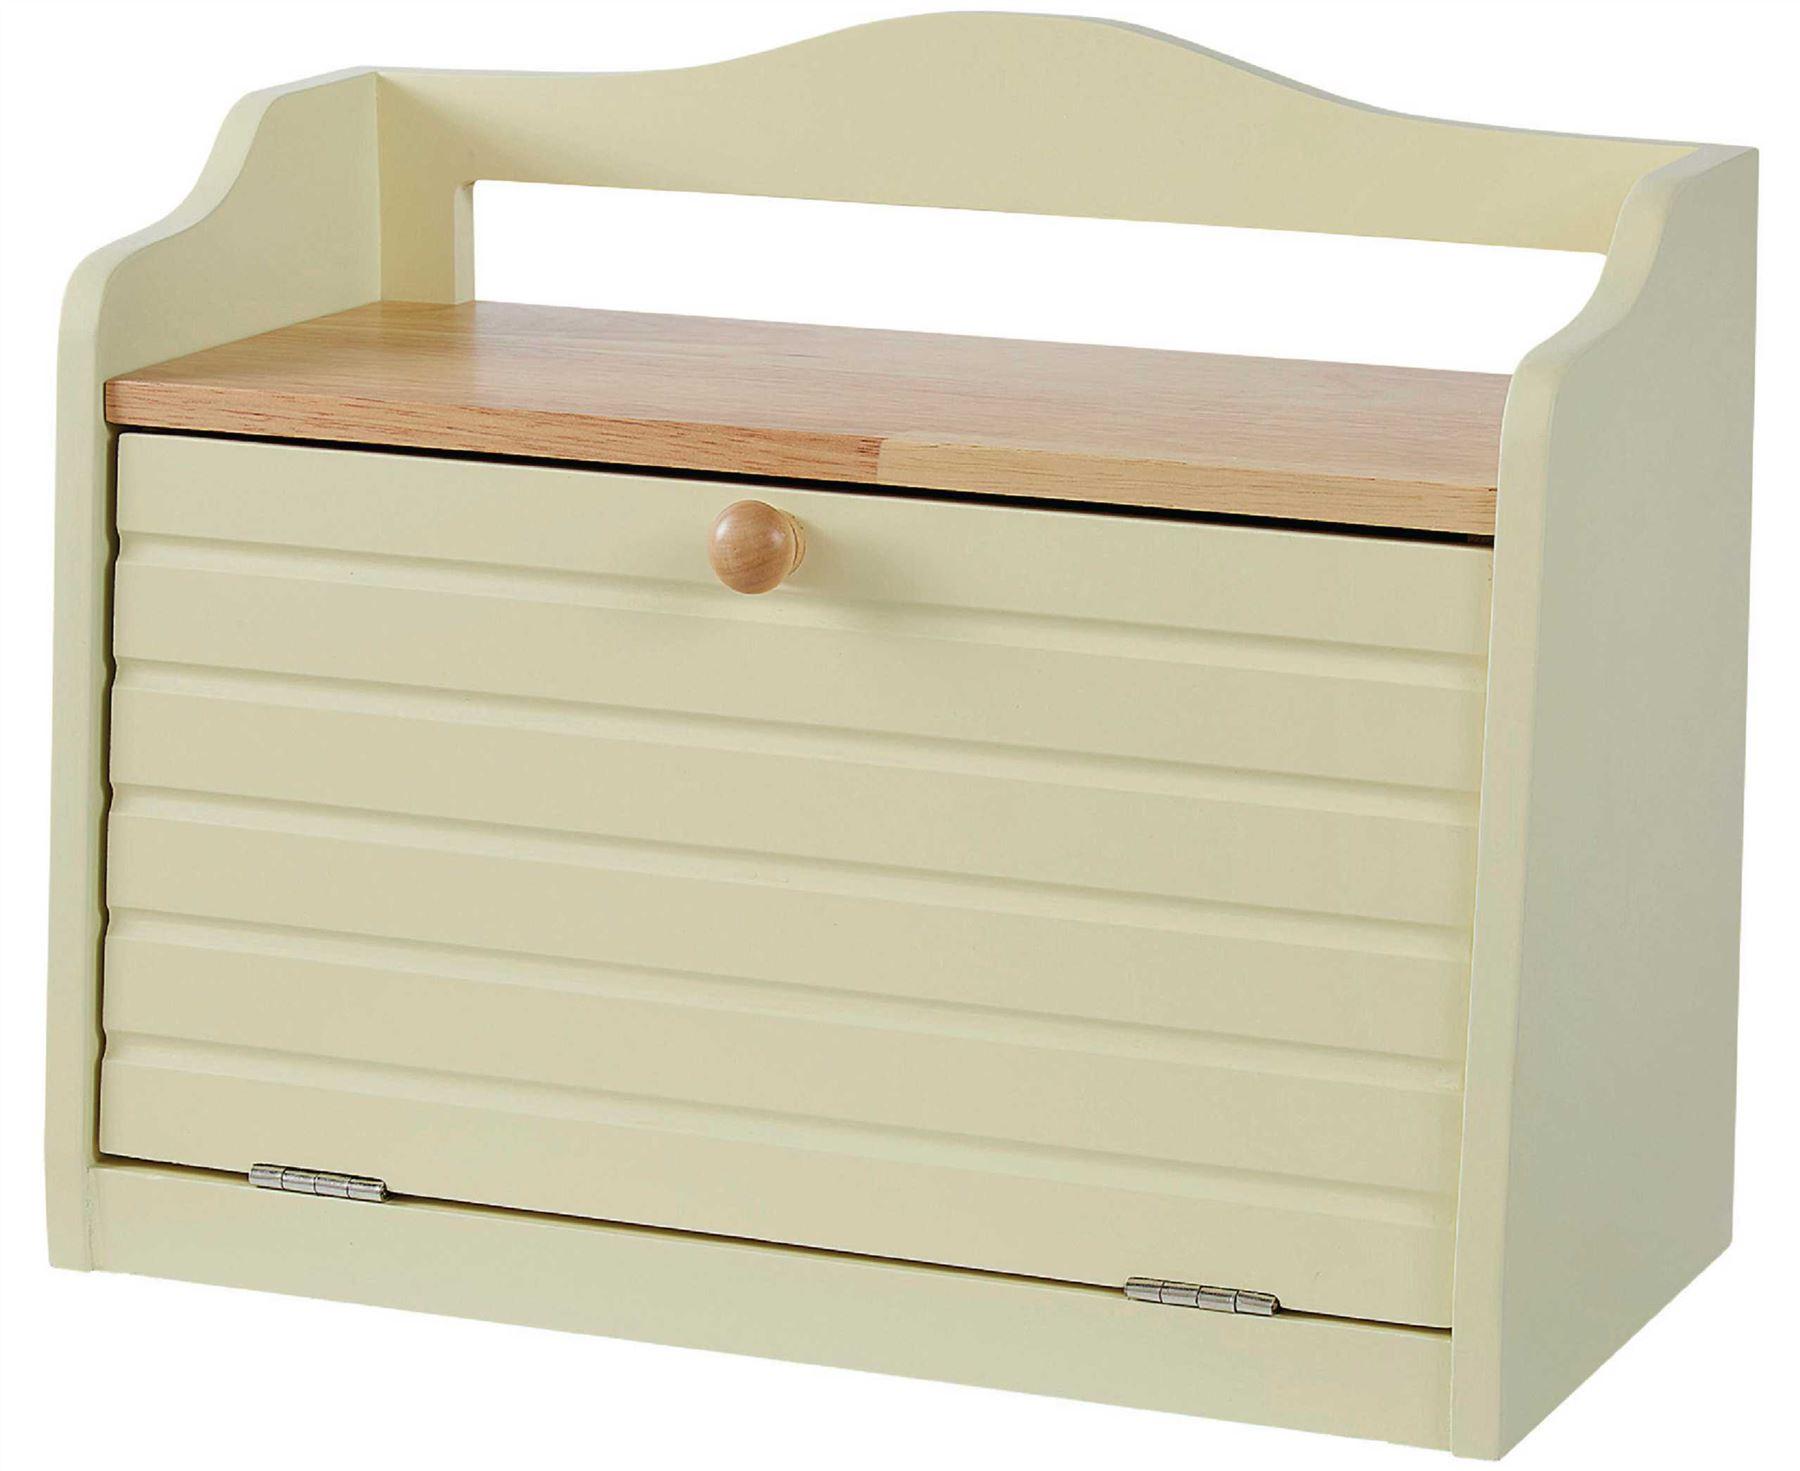 Winchcombe Bread Bin Solid Wooden Construction Kitchen Storage Furniture Ebay